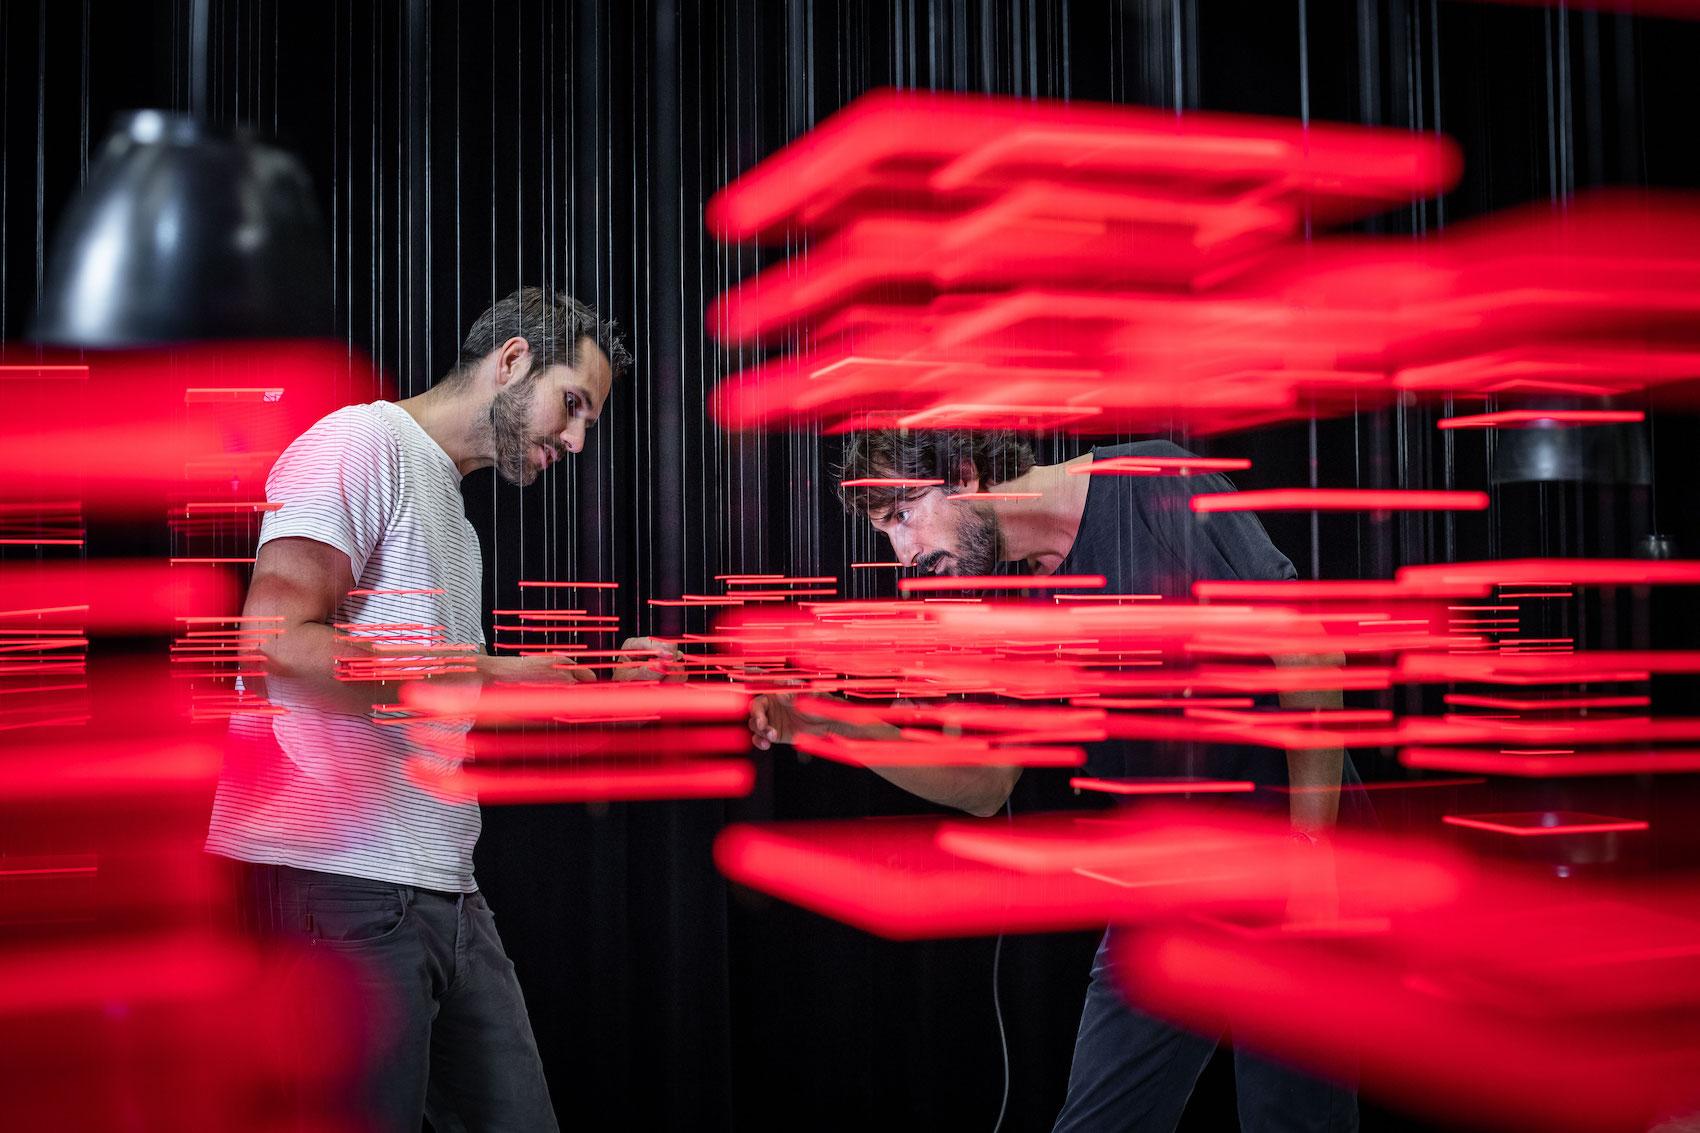 Florian Teuteberg (à g.) et Caspar Coppetti dans l'installation«Explorative Spatial Analysis» (2018) de l'artiste Nadine Prigann,à la Haute école d'art de Zurich (ZHdK).